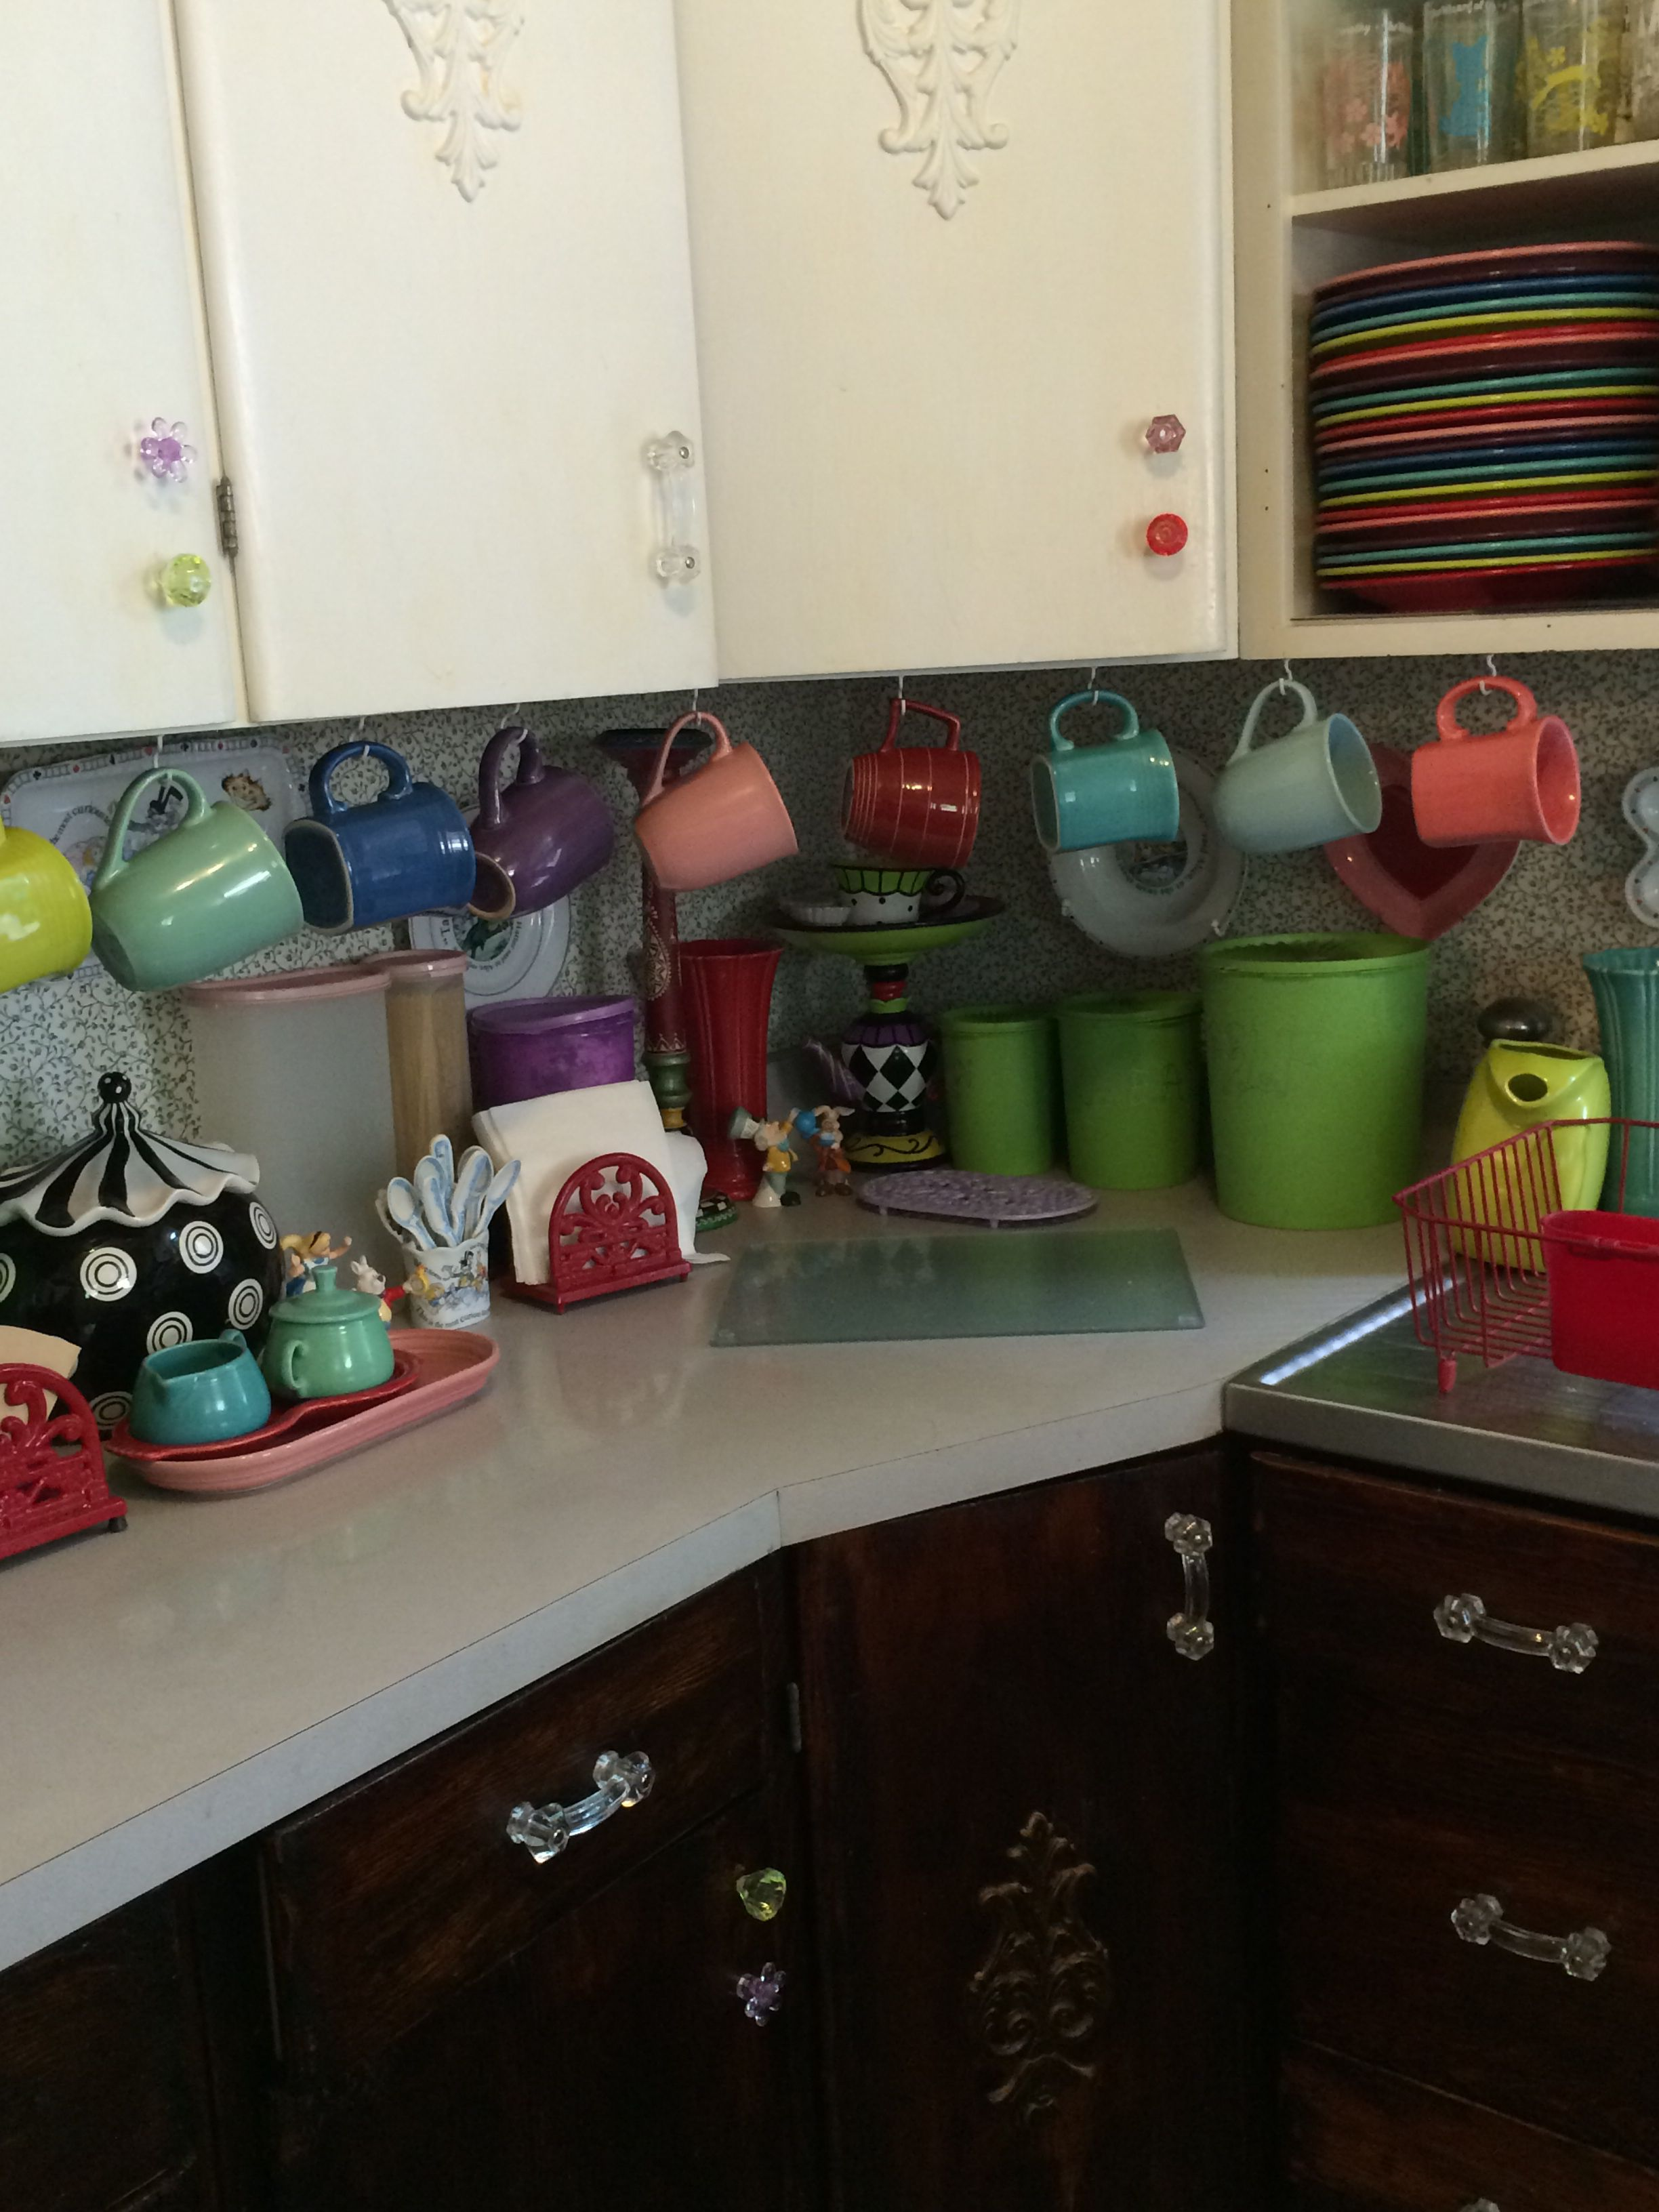 Alice In Wonderland Kitchen | Mismatched Cabinet Knobs And Cups In My Wonderland Kitchen Alice